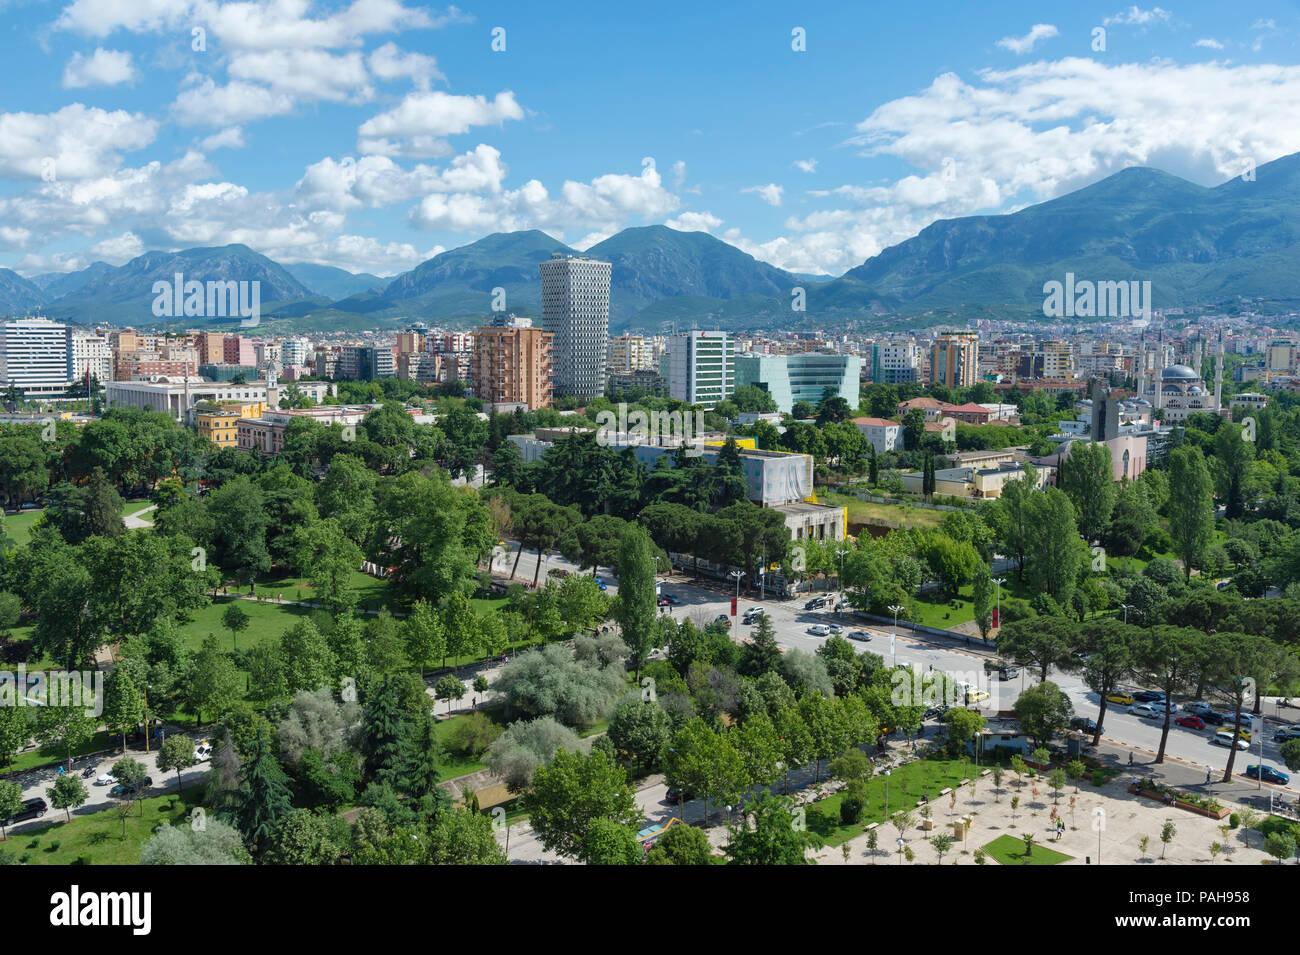 View over Tirana, Tirana, Albania - Stock Image